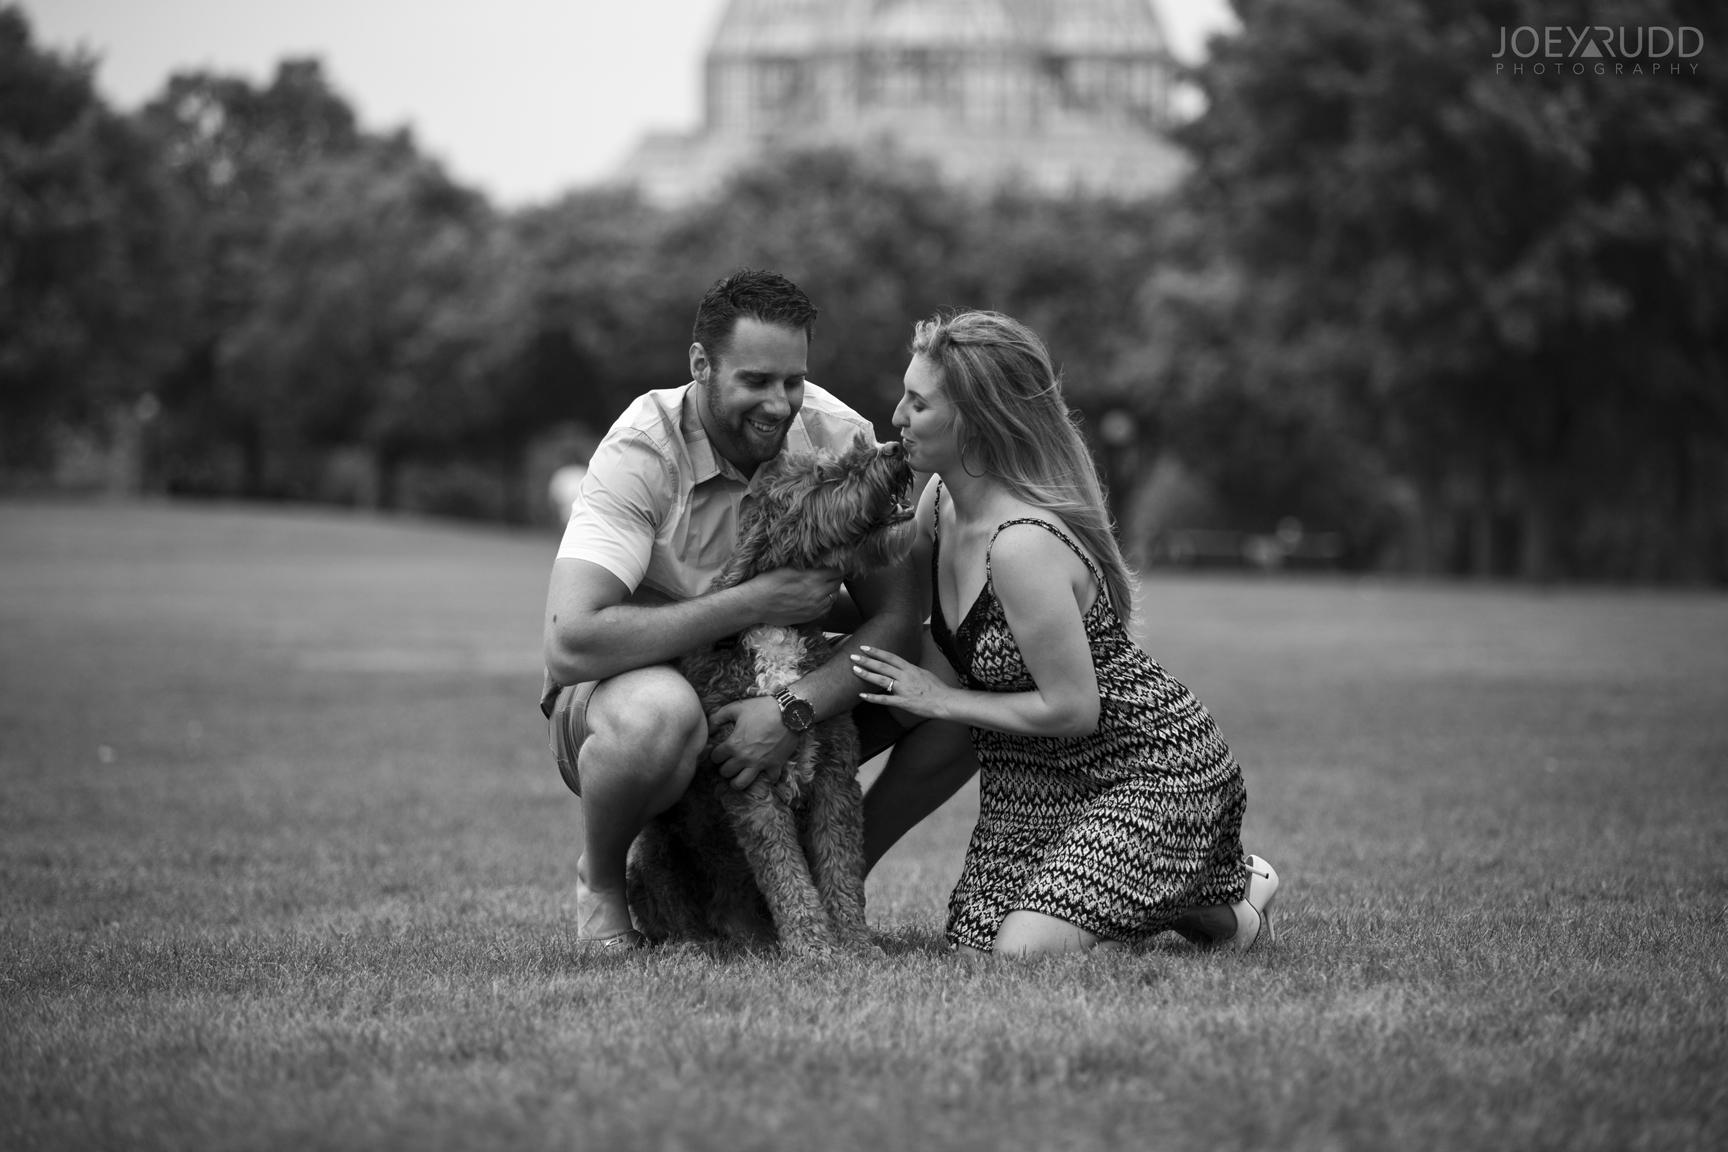 Joey Rudd Photography Ottawa Wedding Photographer Engagement Dog Photo